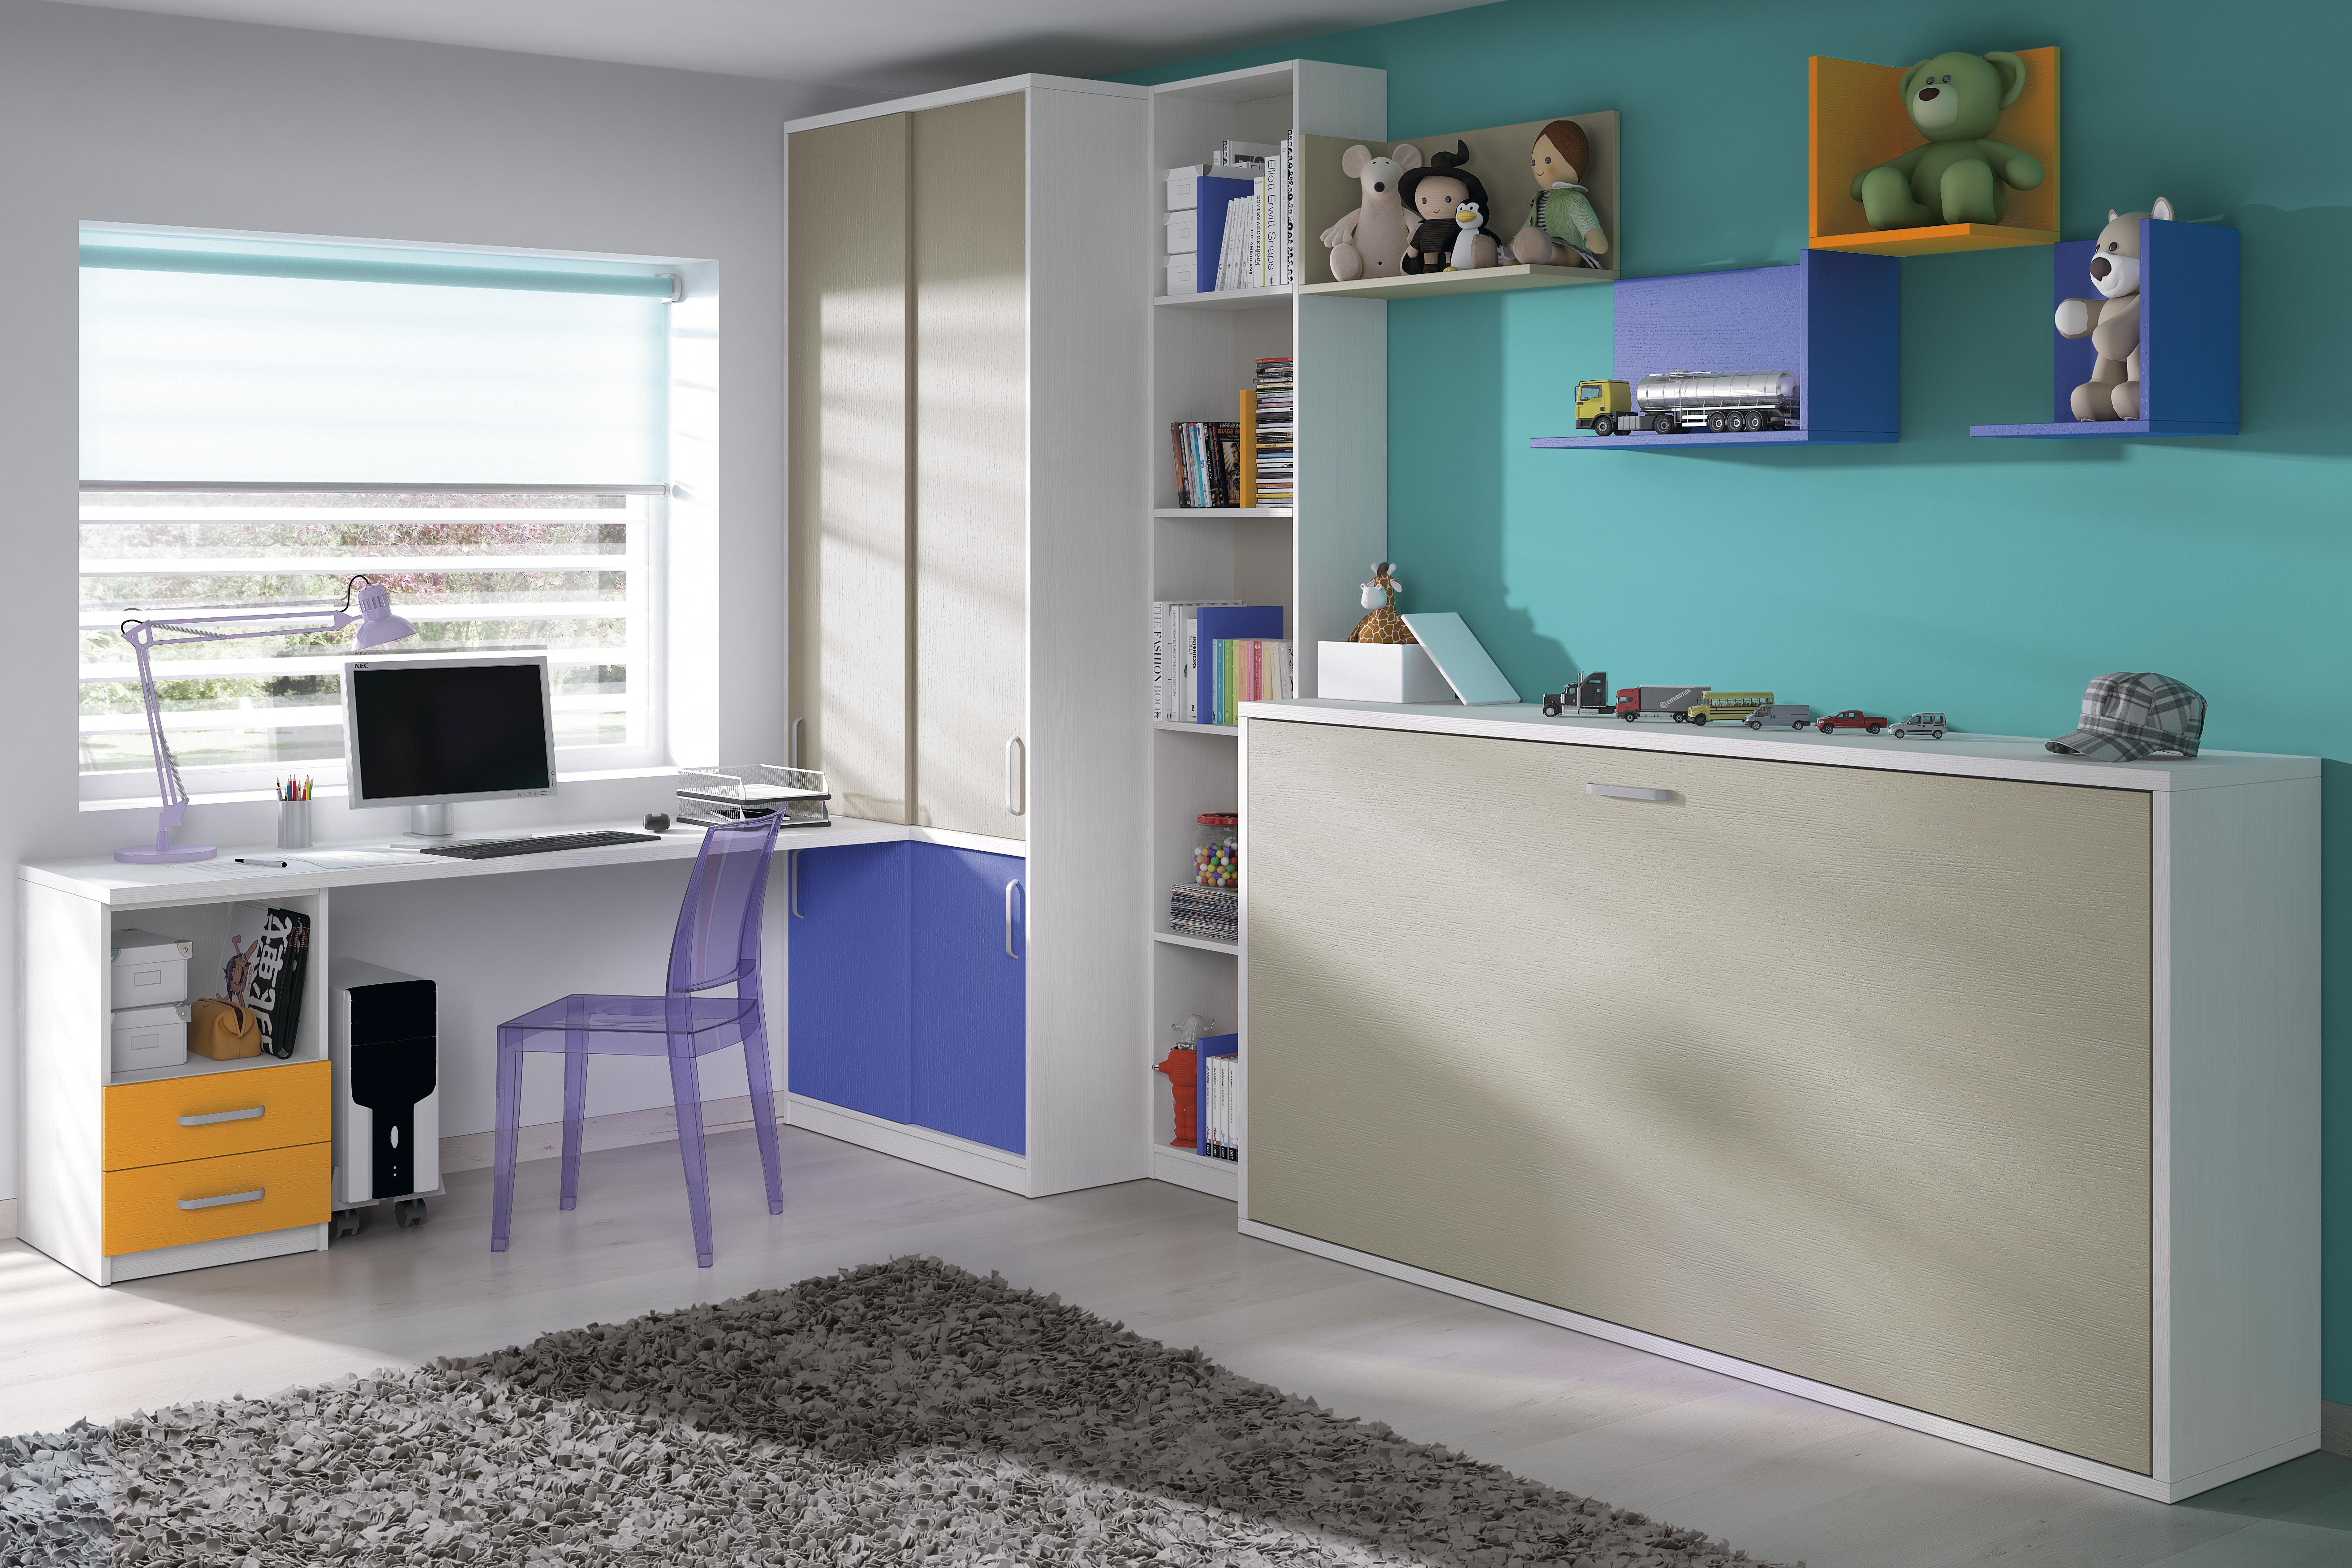 Dormitorios Juveniles Nietohogar ~ Pinturas Habitaciones Juveniles